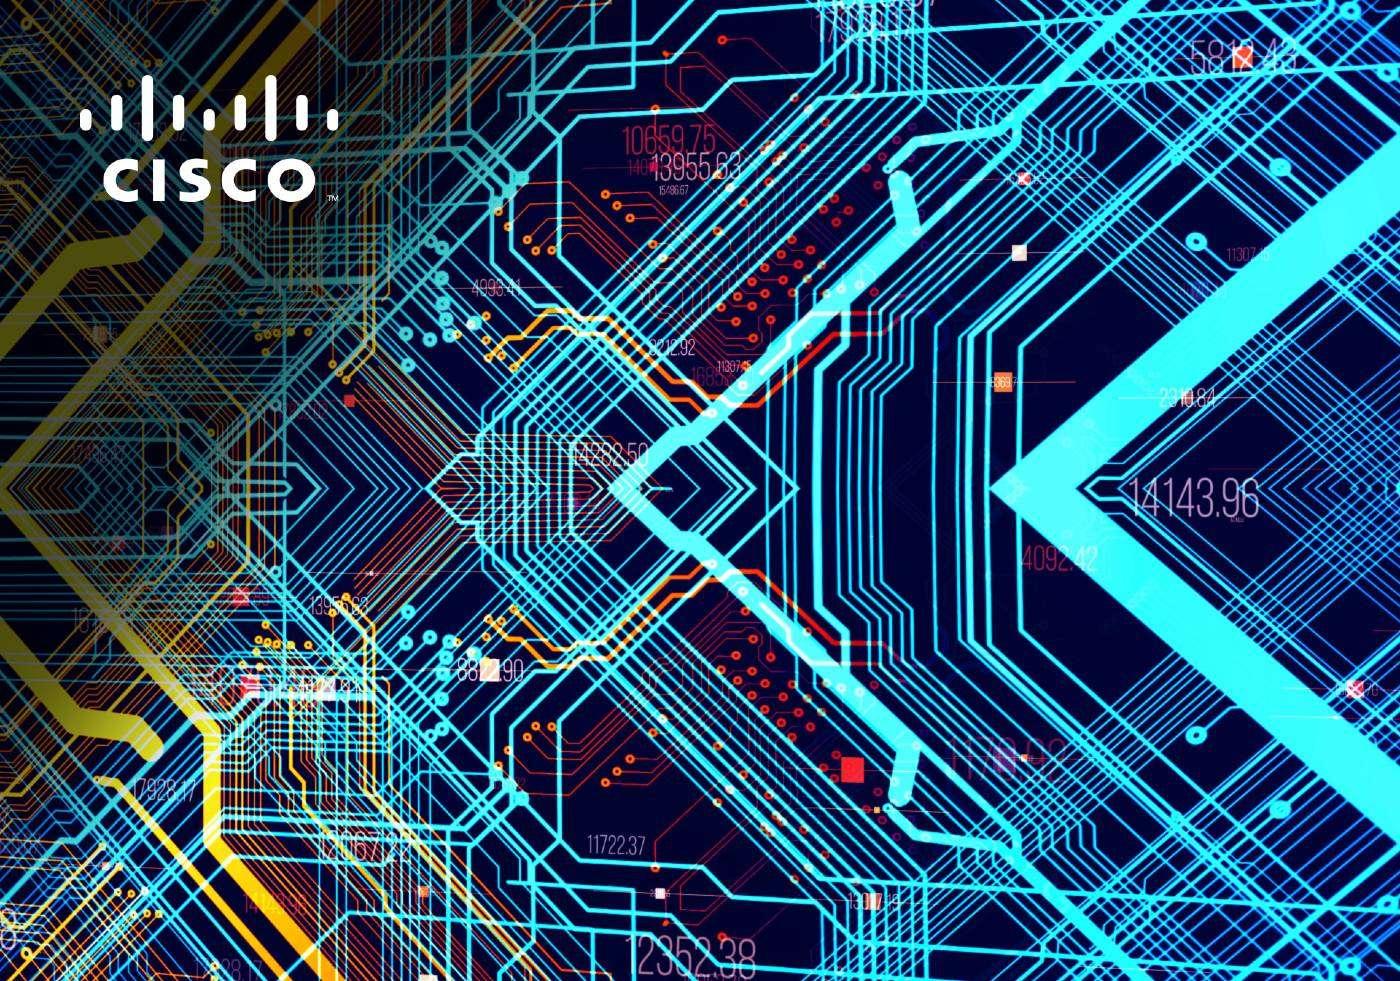 Cisco: Νέες συνεργασίες για το Κέντρο Ψηφιακού Μετασχηματισμού